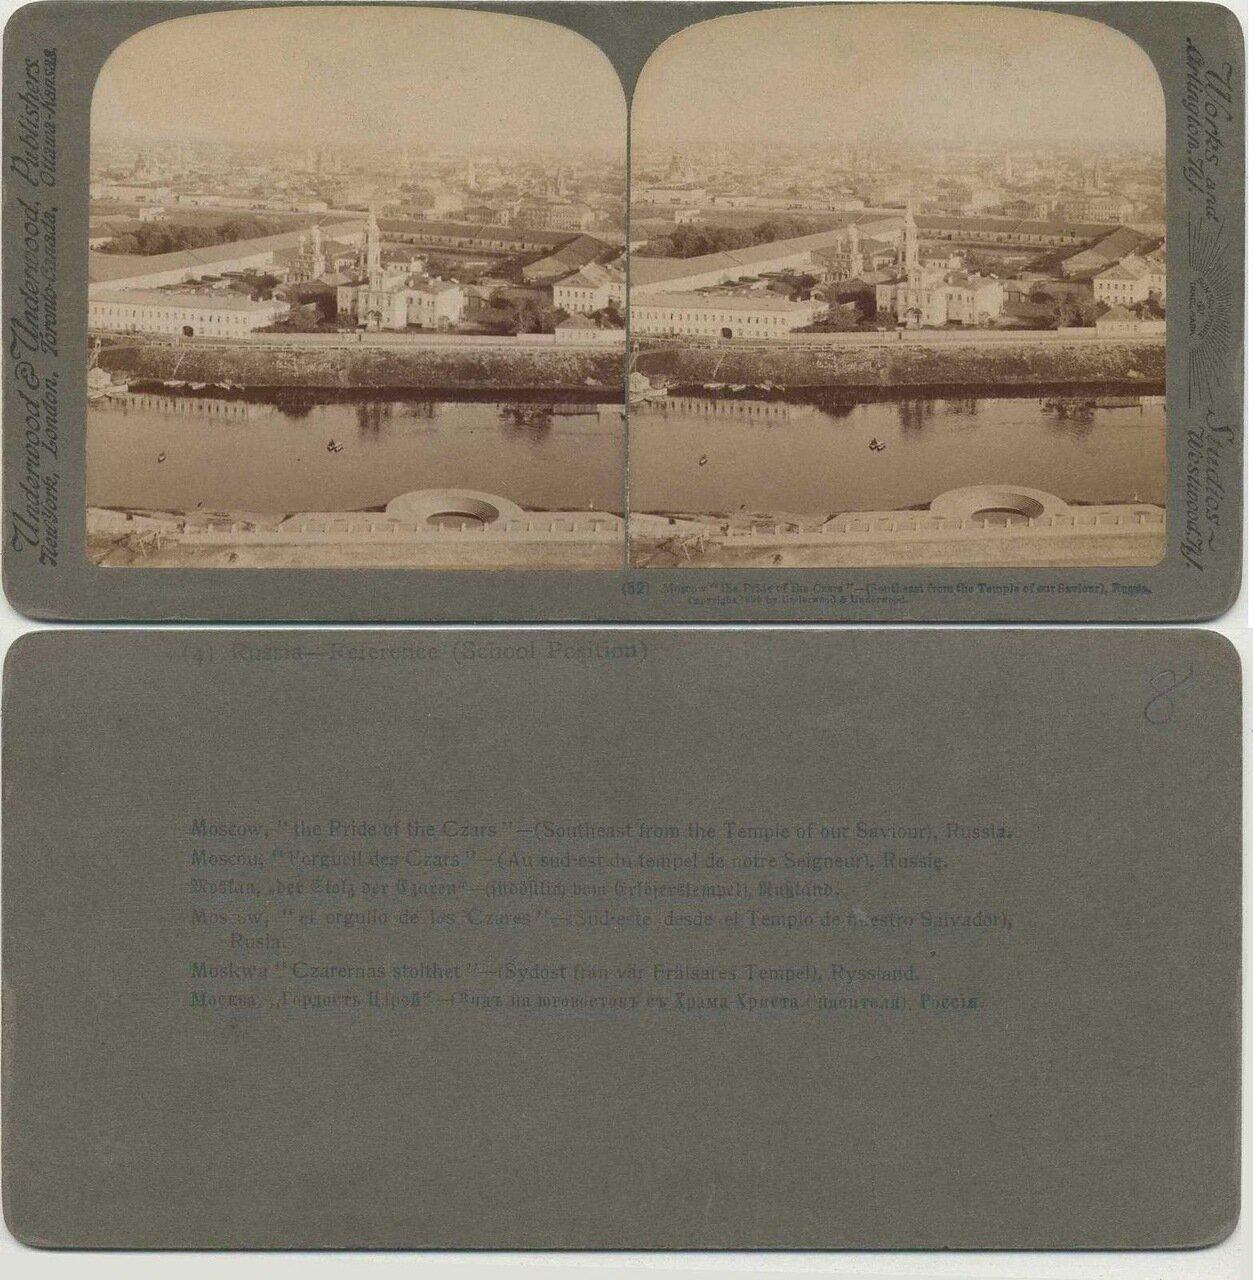 Москва. Вид на юго-восток с храма Христа-Спасителя